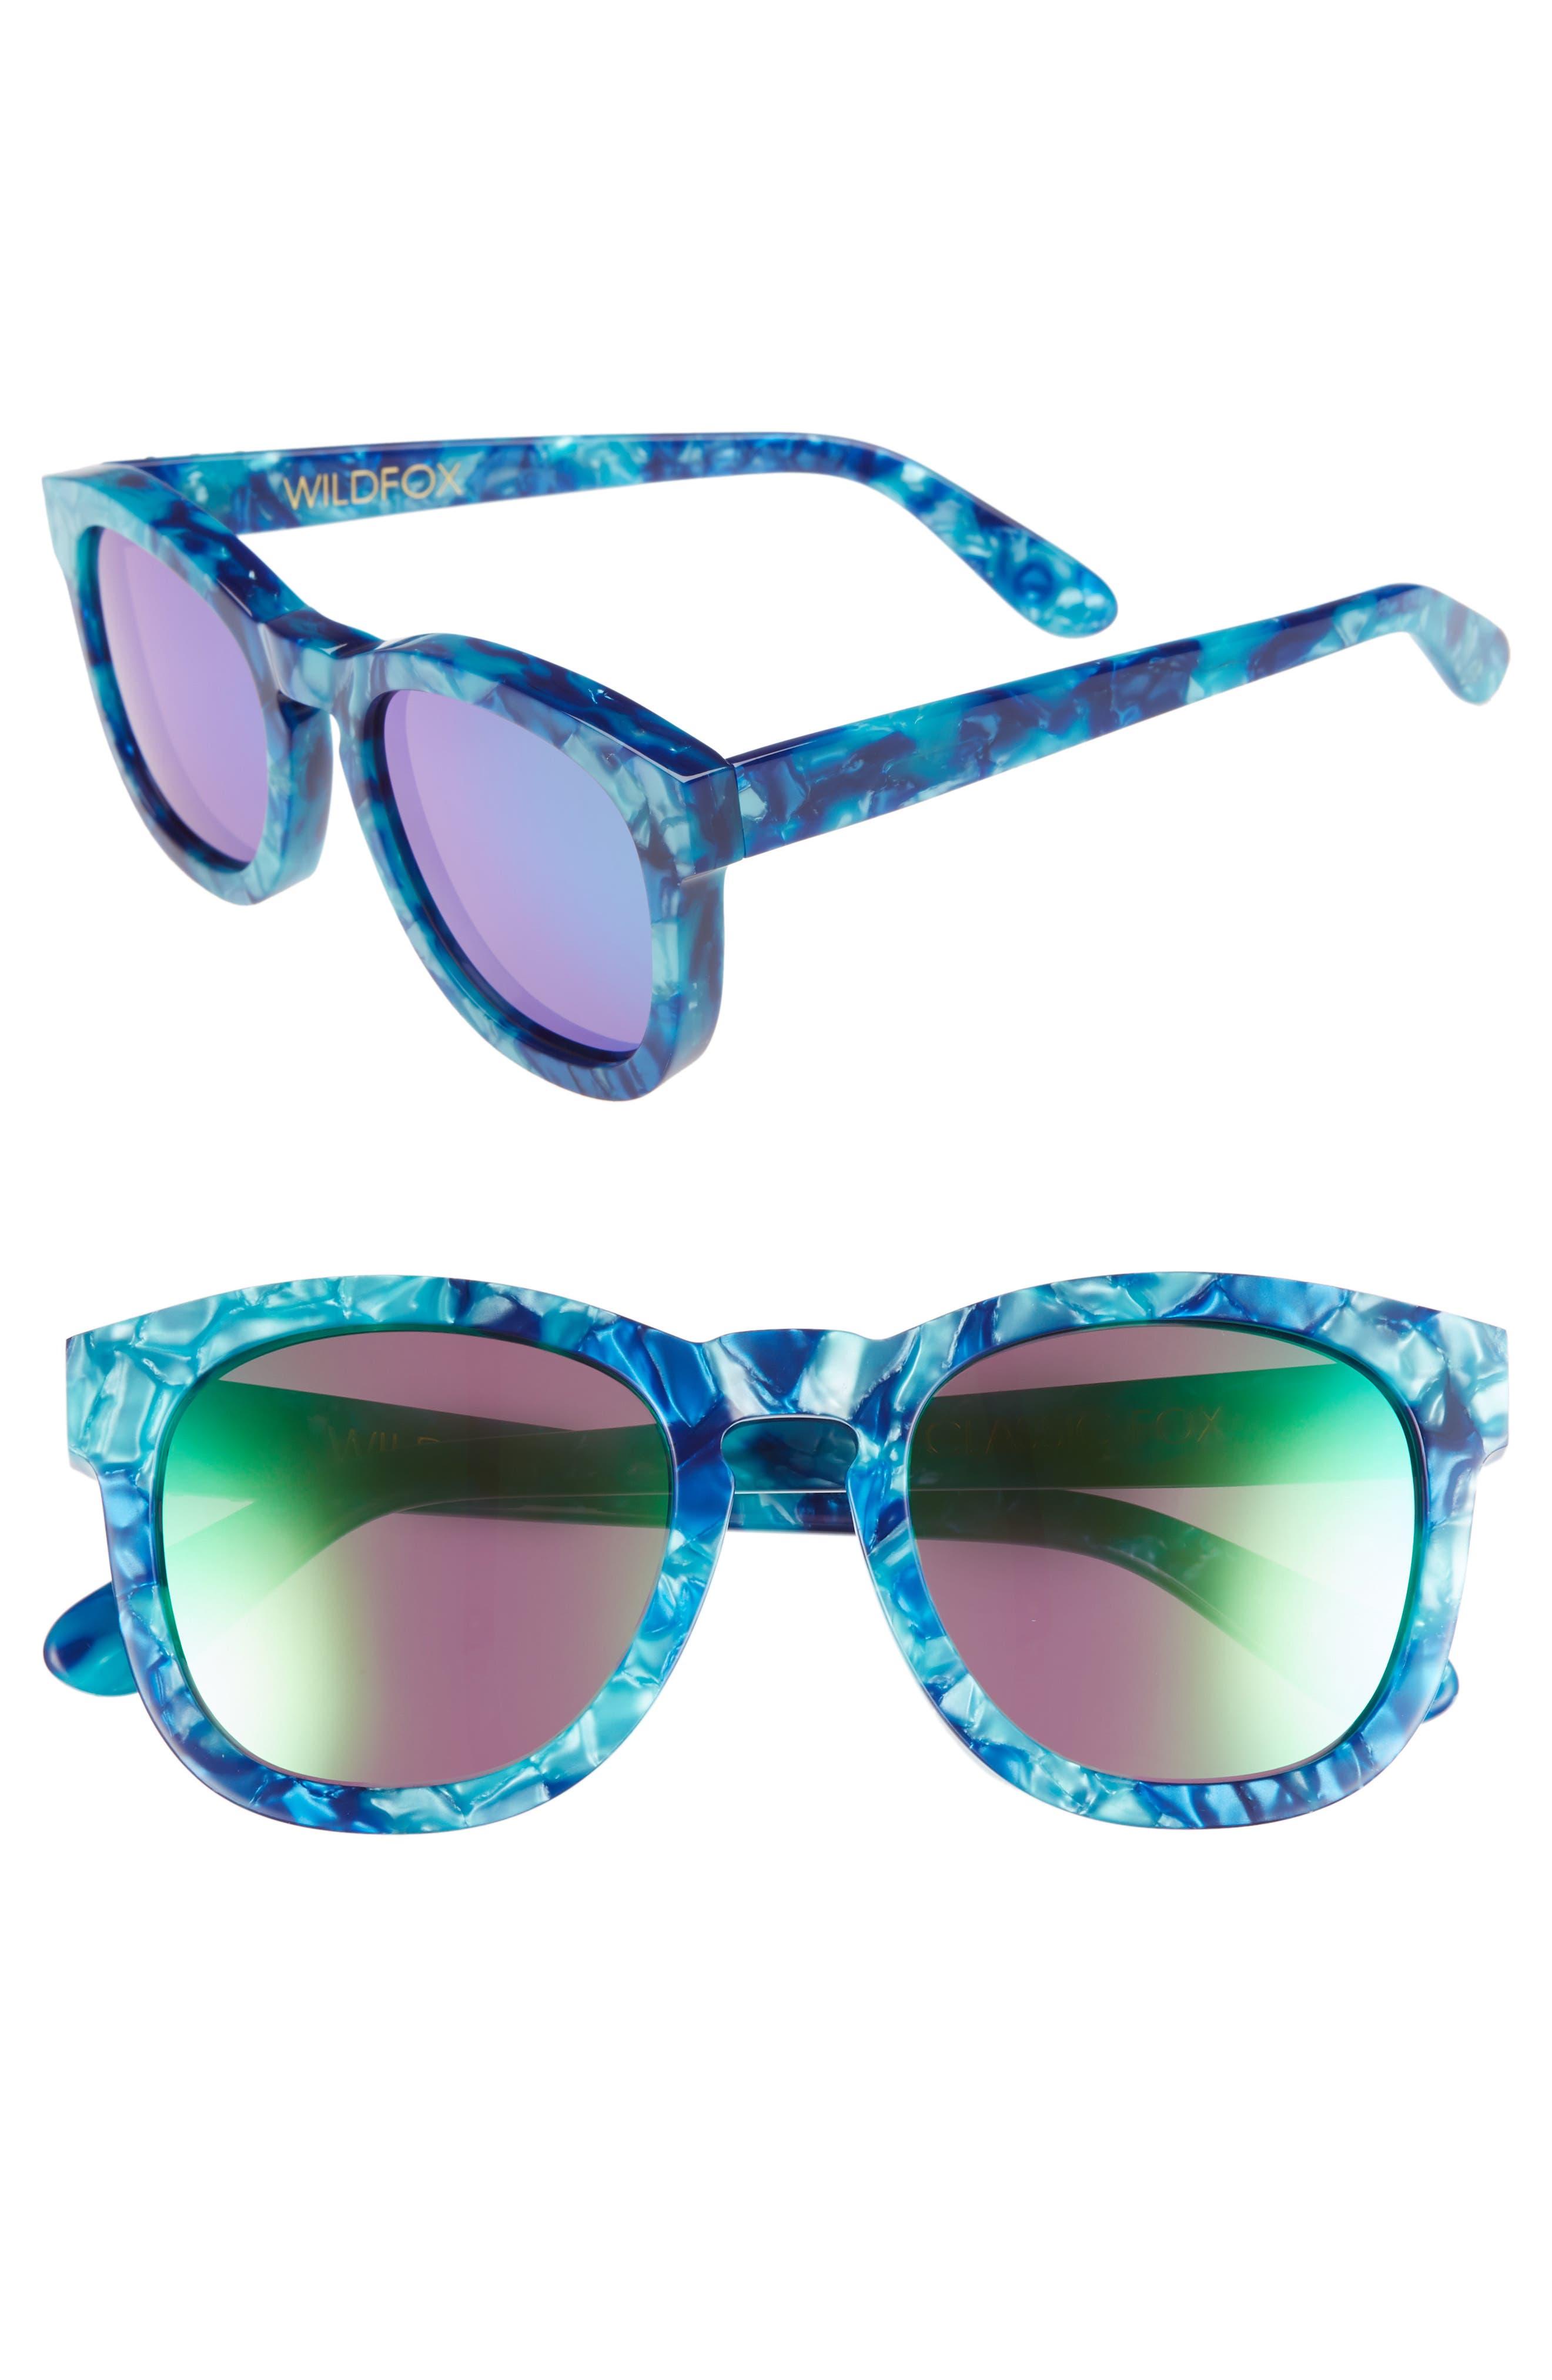 Wildfox Classic Fox - Deluxe 5m Sunglasses -